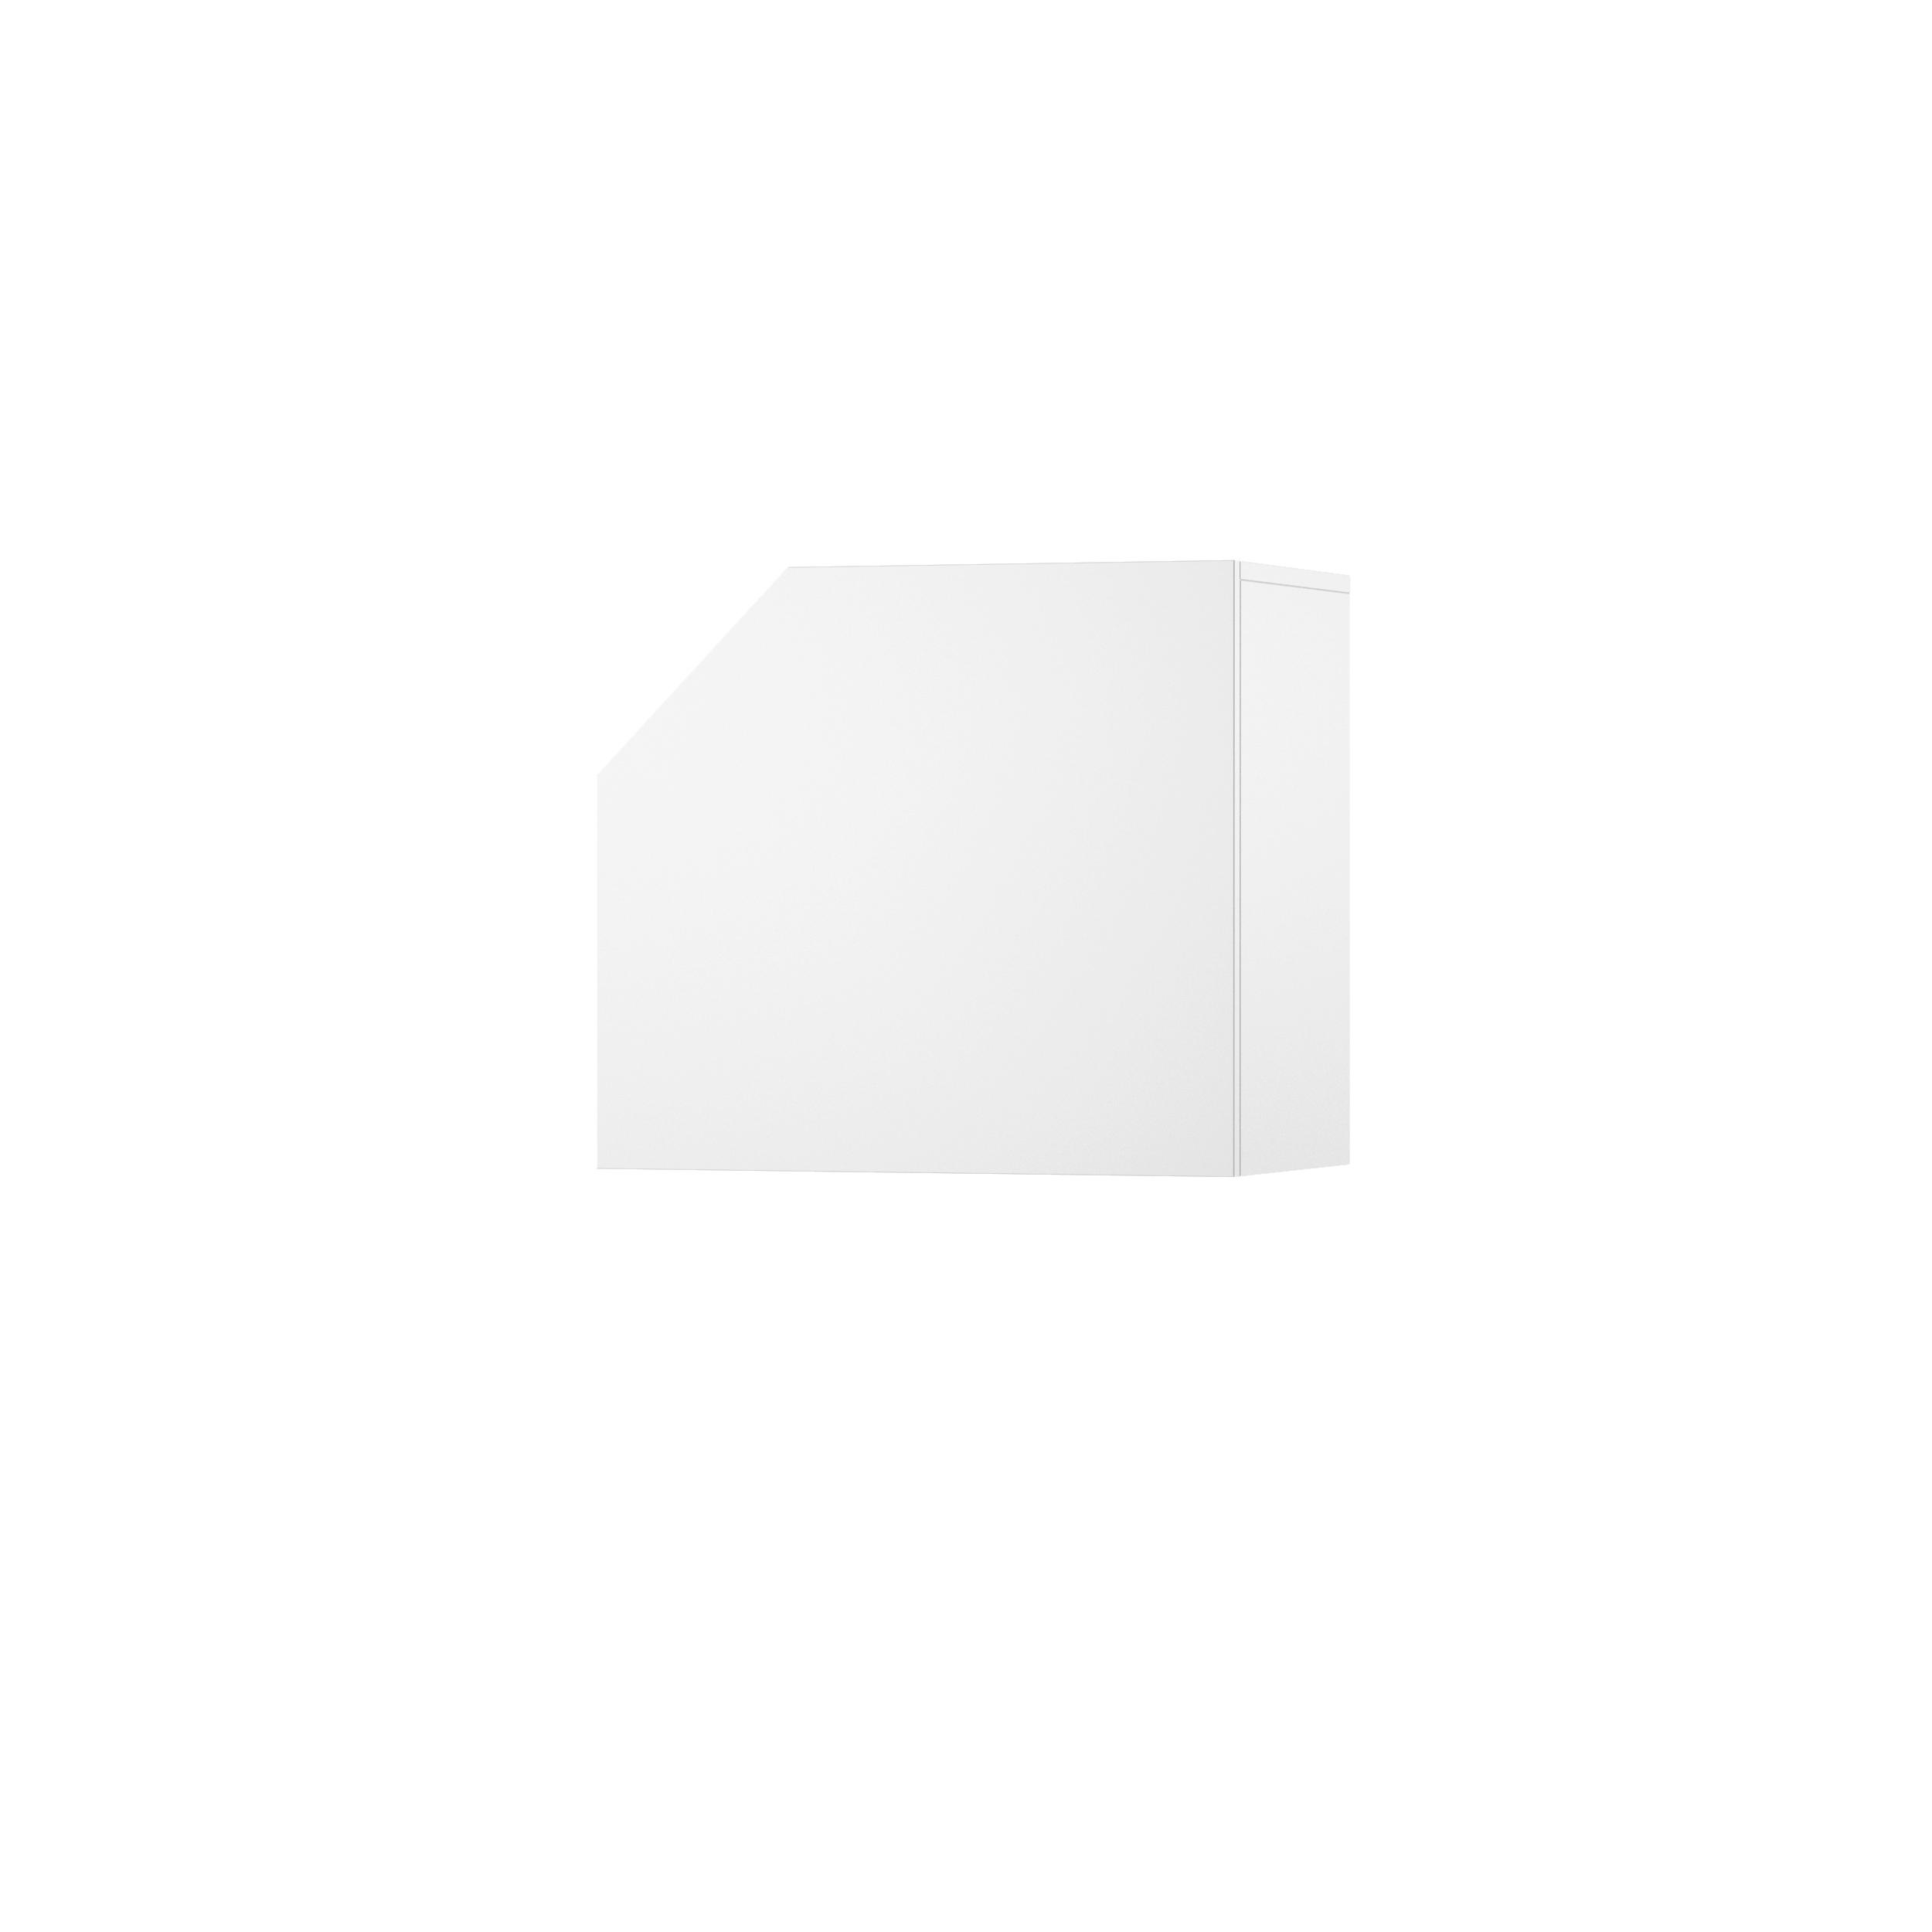 Dulap Modular Nook Left White  L65xl37xh58 Cm